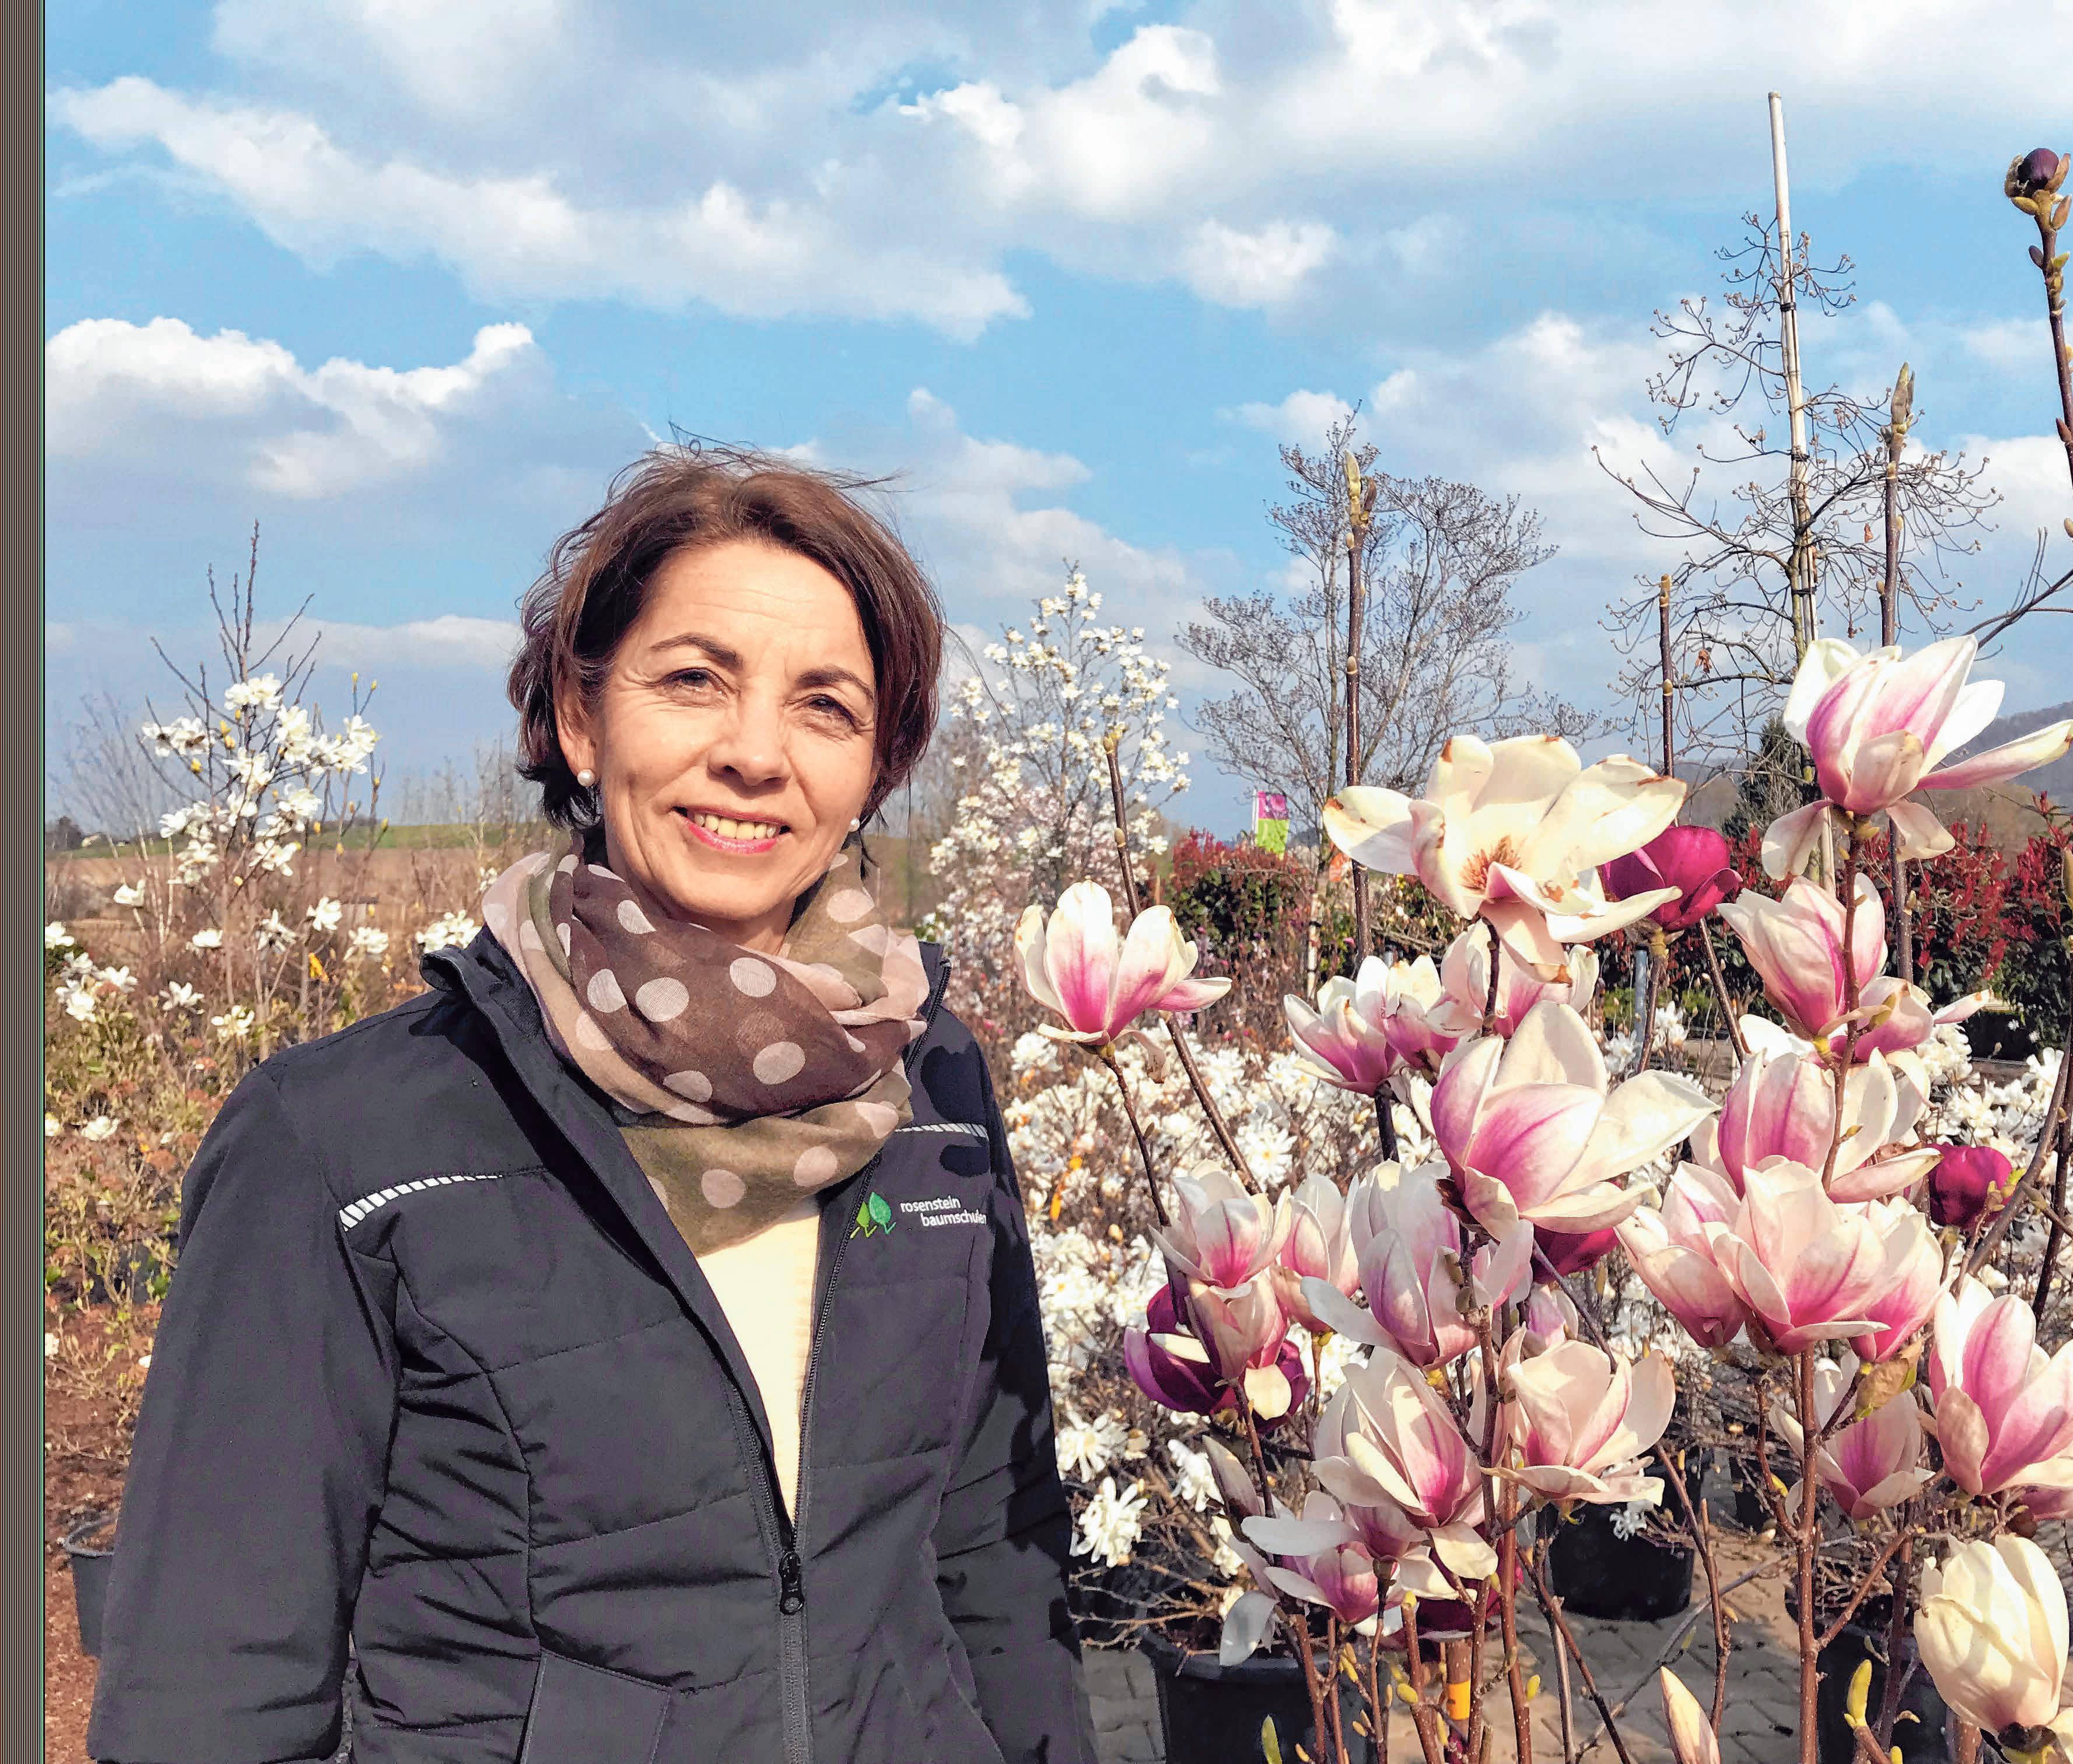 Die Inhaberin Liane Koch von der Rosenstein Baumschule freut sich auf viele Besucher und natürlich auf viele blühende Blumen. Foto: privat